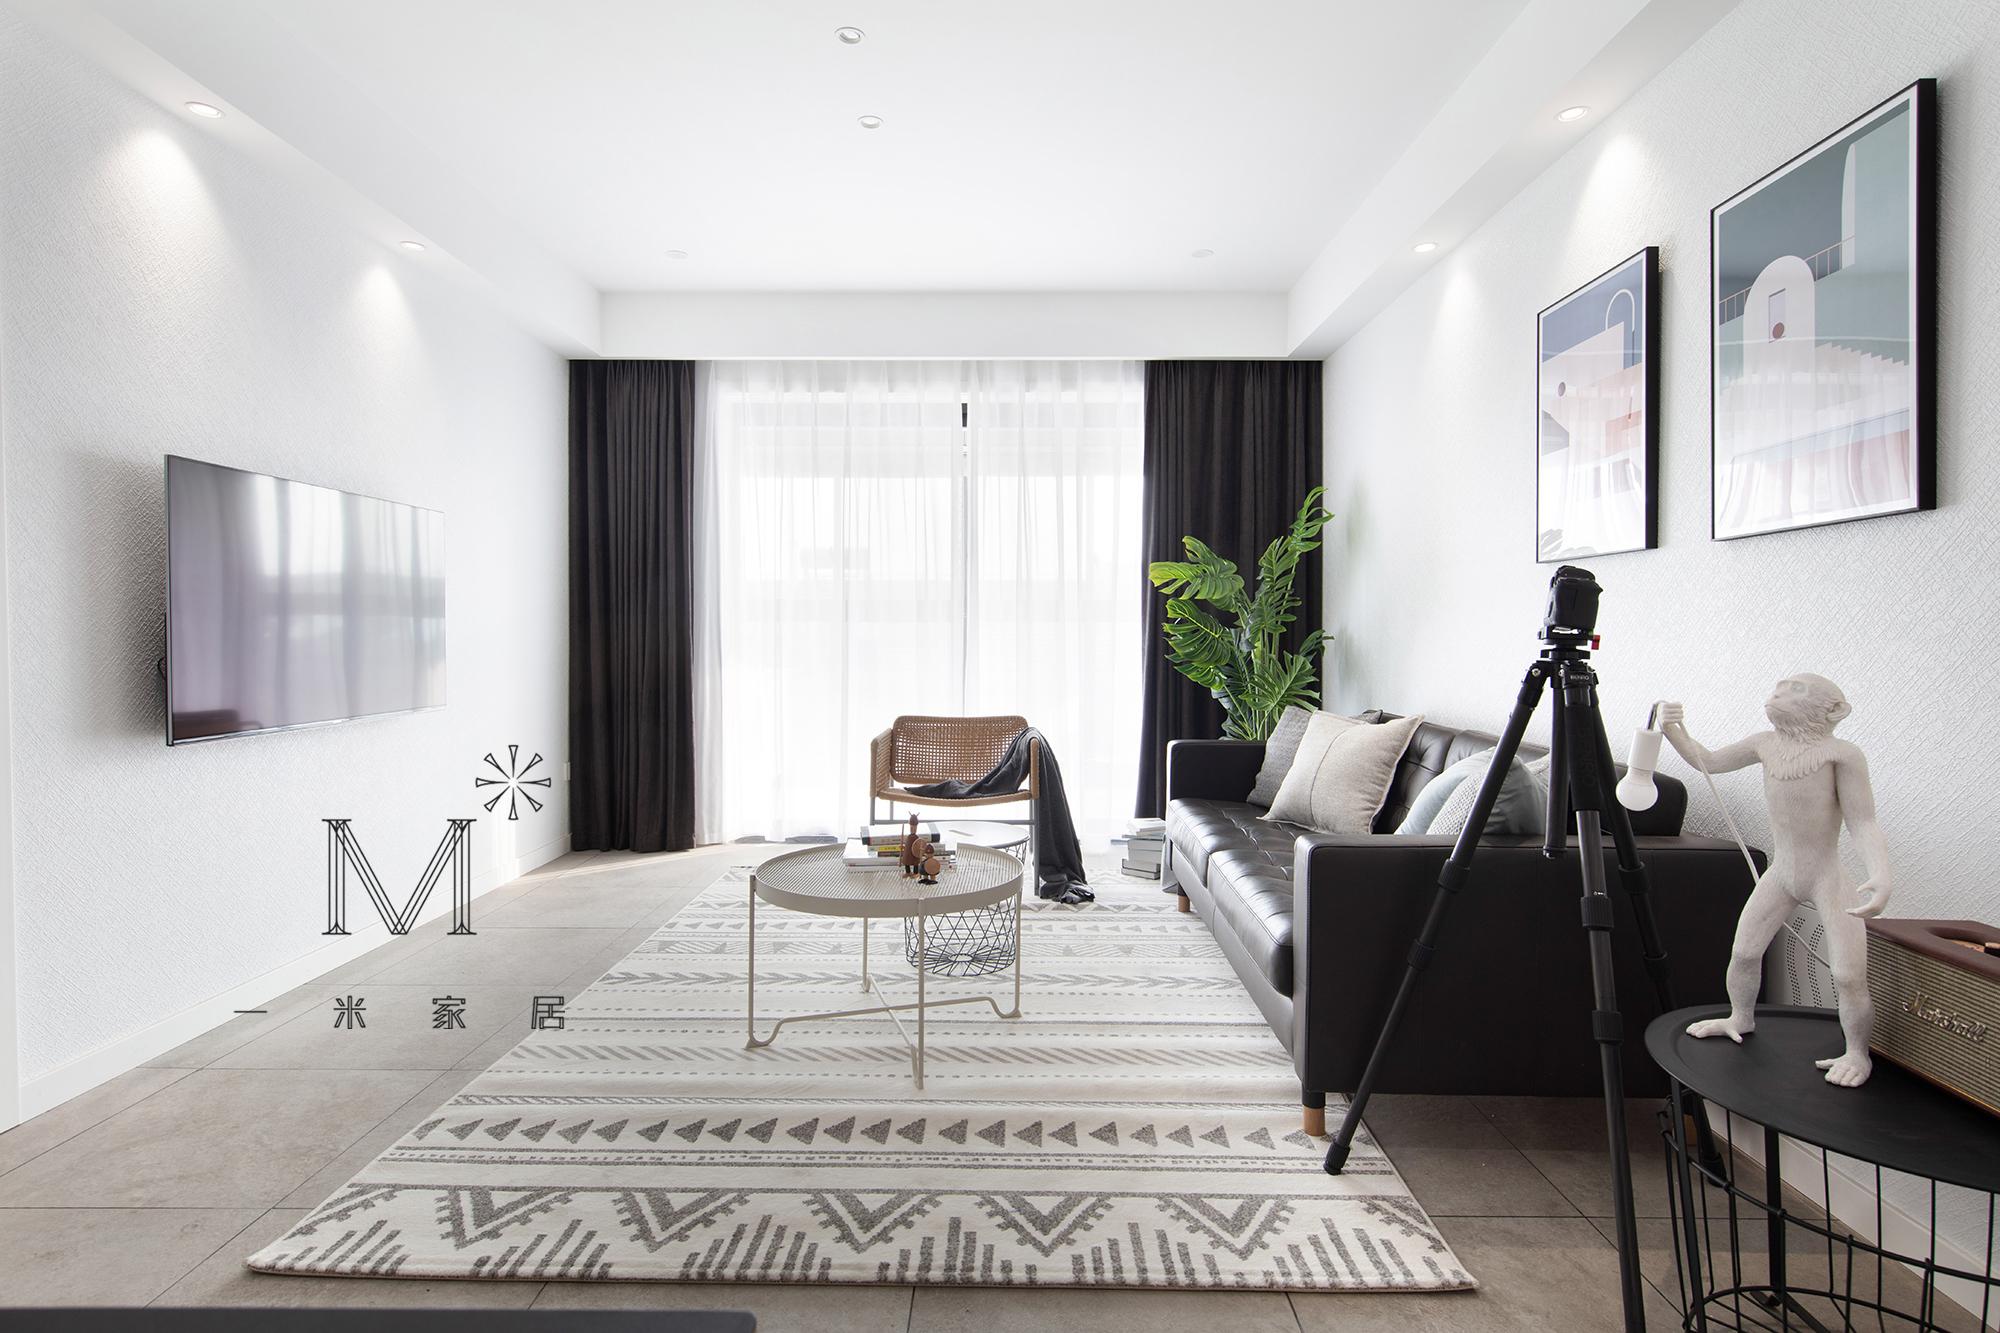 温馨71平宜家三居装修设计图客厅1图现代简约客厅设计图片赏析